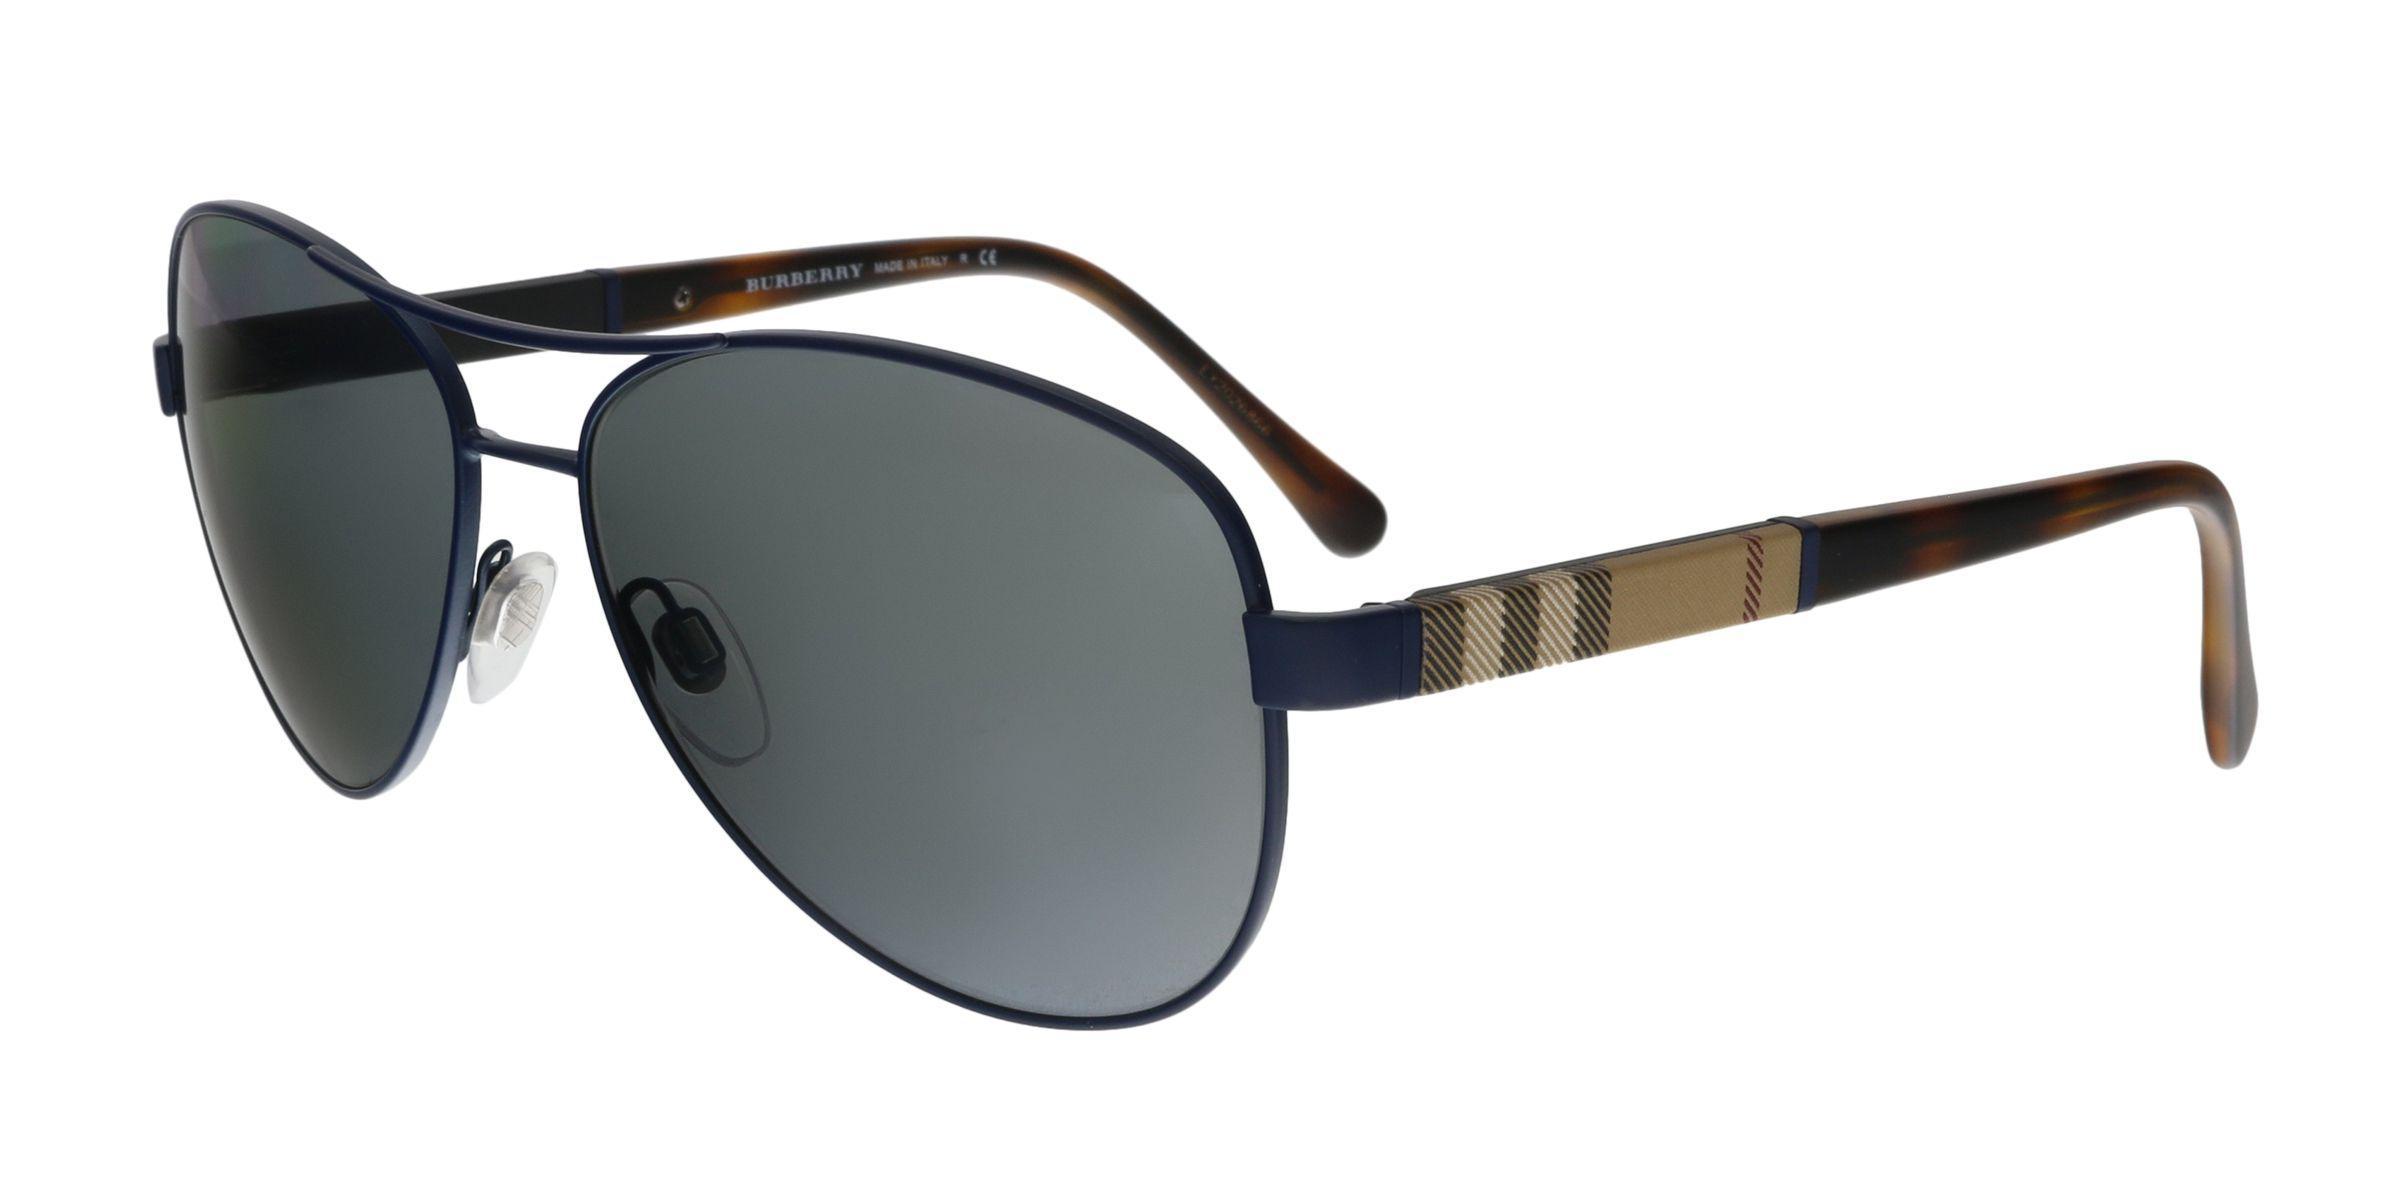 13c7956c22c Lyst - Burberry Be3080 12346g Matte Blue Aviator Sunglasses in Blue